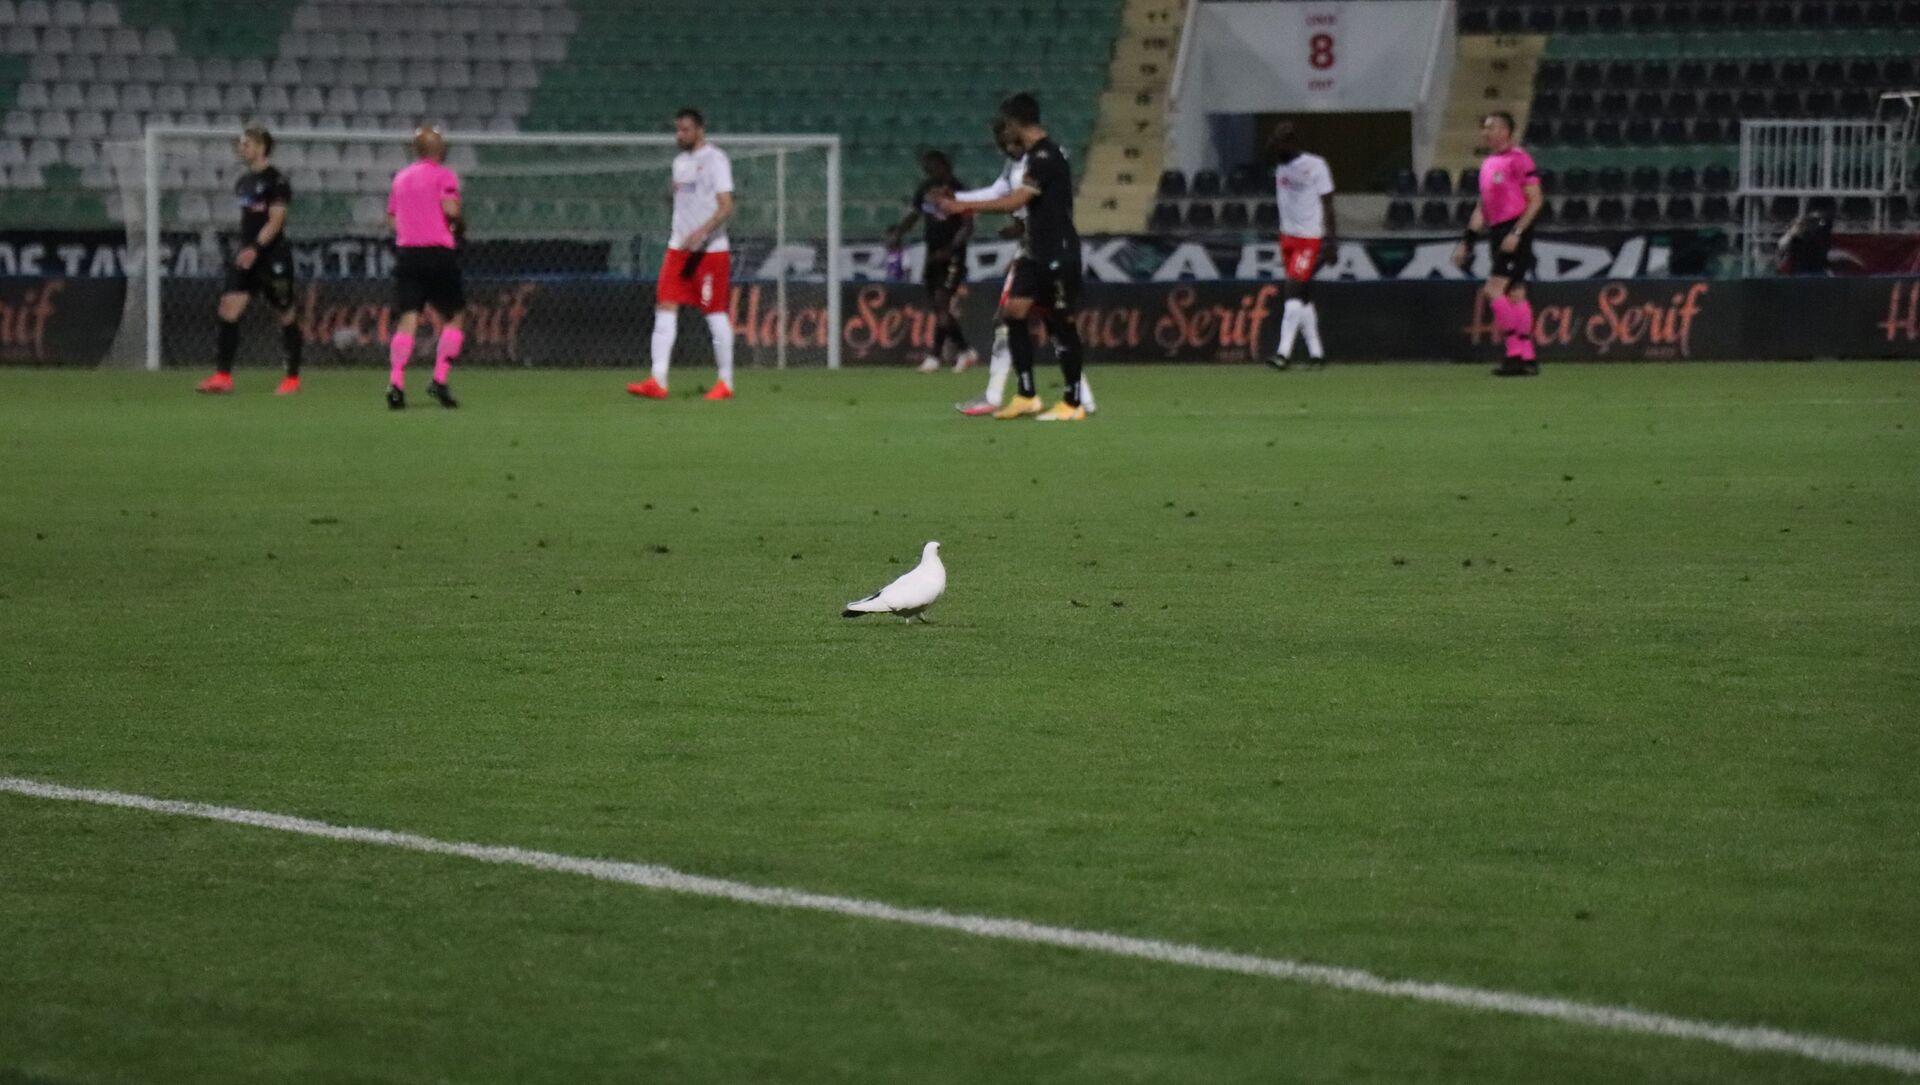 Süper Lig'in 37. haftasında oynanan Denizlispor - Sivasspor karşılaşmasında maç esnasında stadyumun üzerinde gezen beyaz güvercin yeşil sahaya indi ve yedek kulübesi tarafından bırakılan su kabından su içti. - Sputnik Türkiye, 1920, 24.04.2021